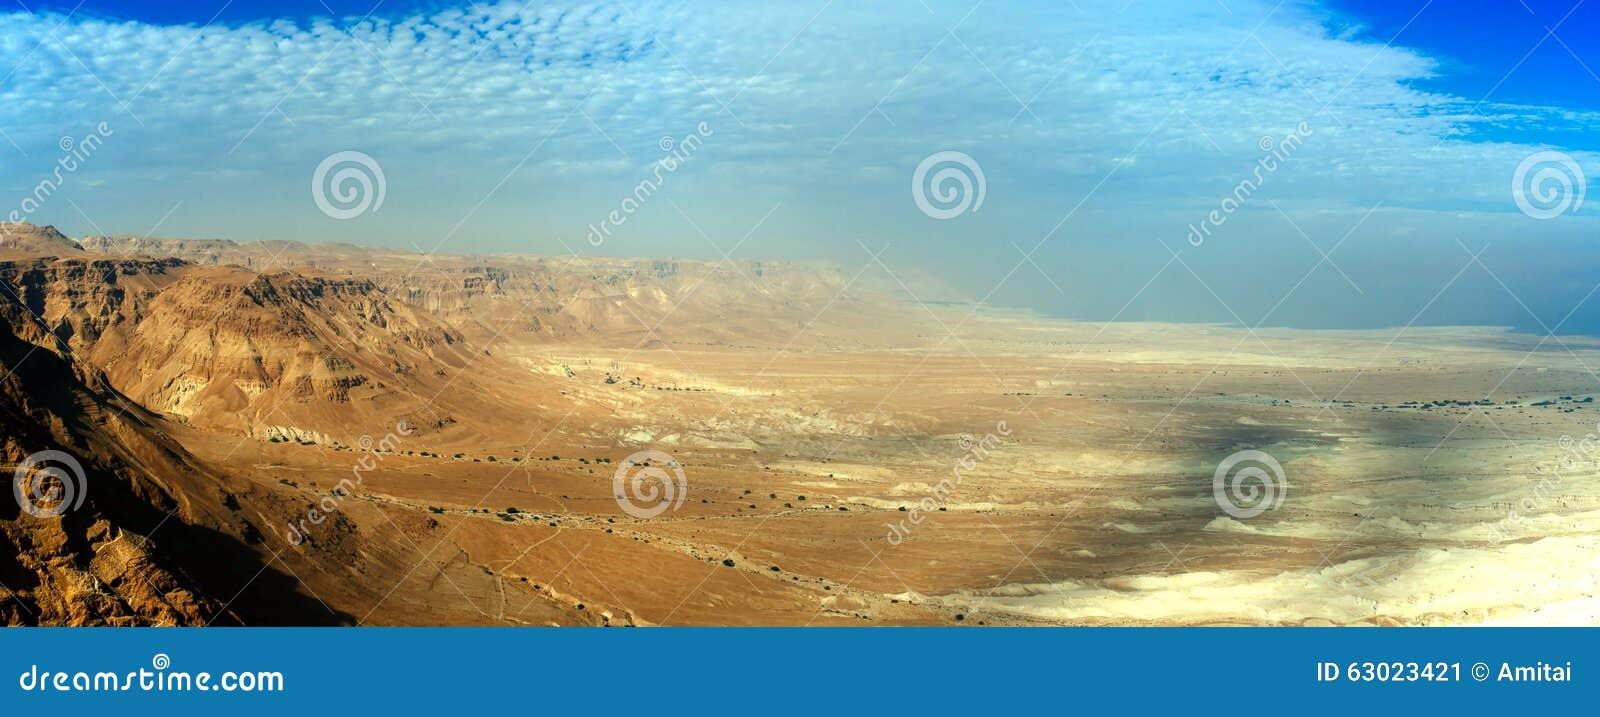 Serie de la Tierra Santa - Judea Desert#1